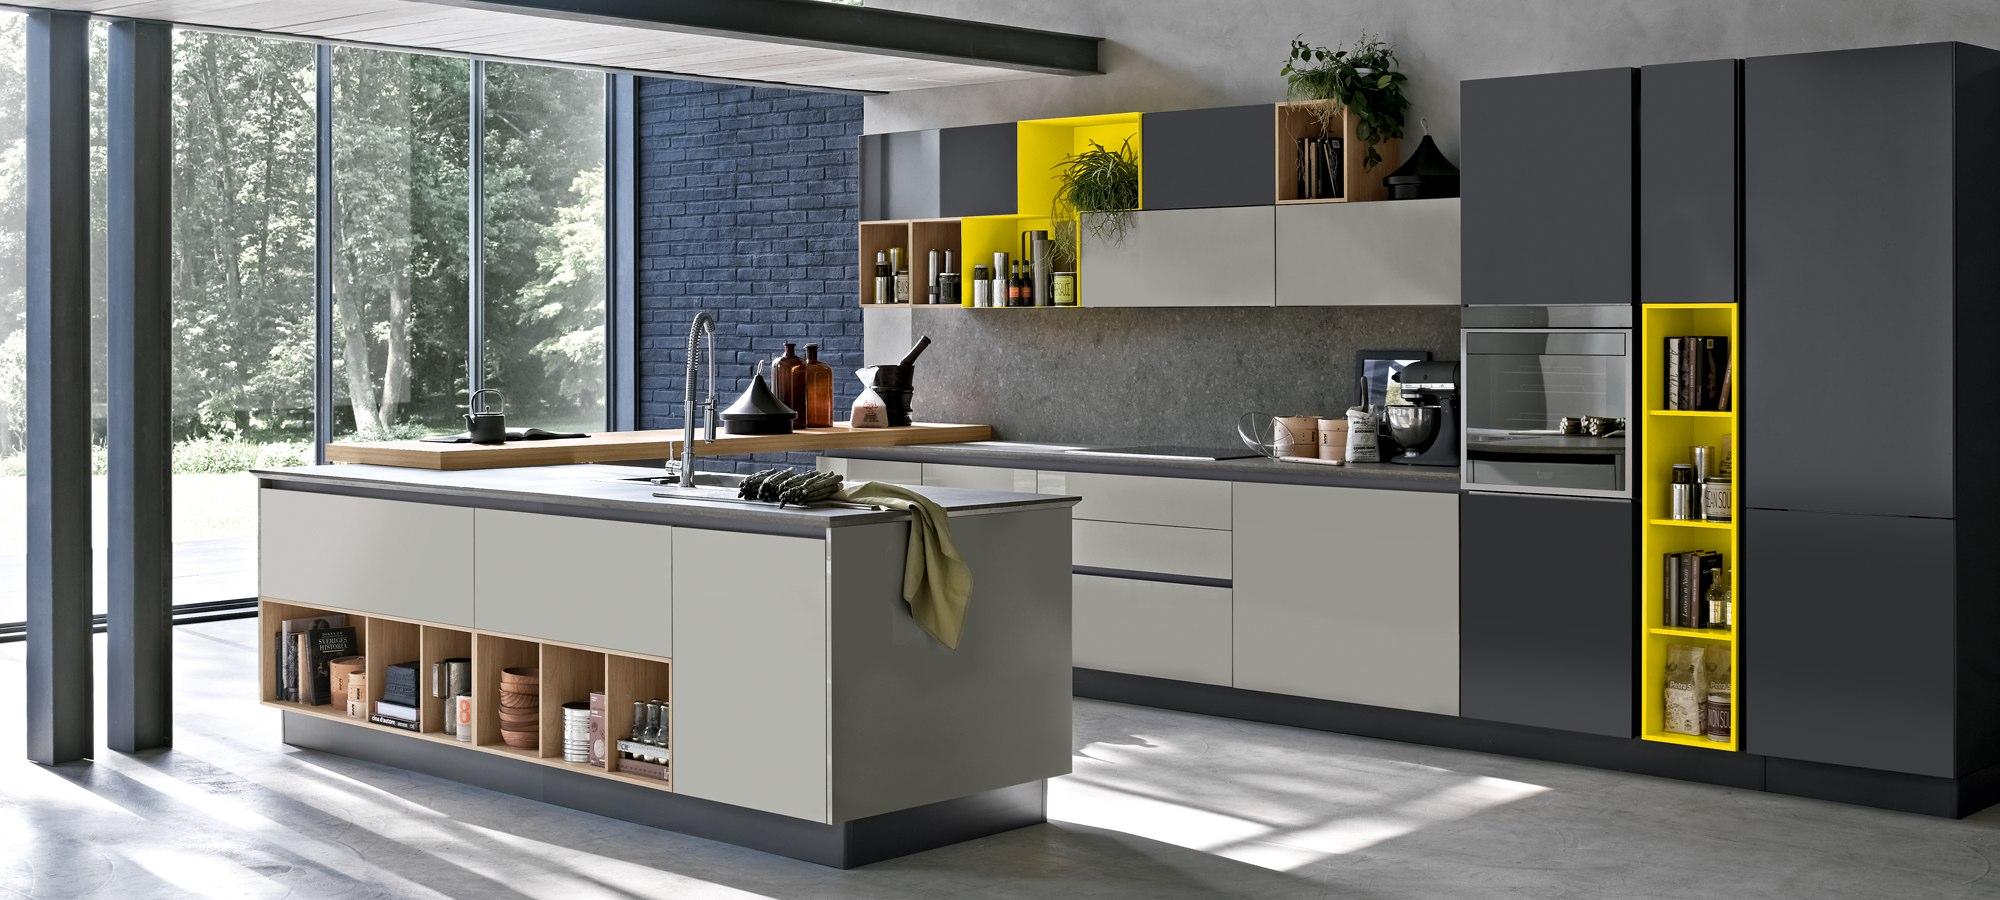 Cucina Moderna Alevè Di Stosa Con Isola Attrezzata Con Lavandino E  #C7AE04 2000 900 Arredare Una Cucina Moderna Con Isola